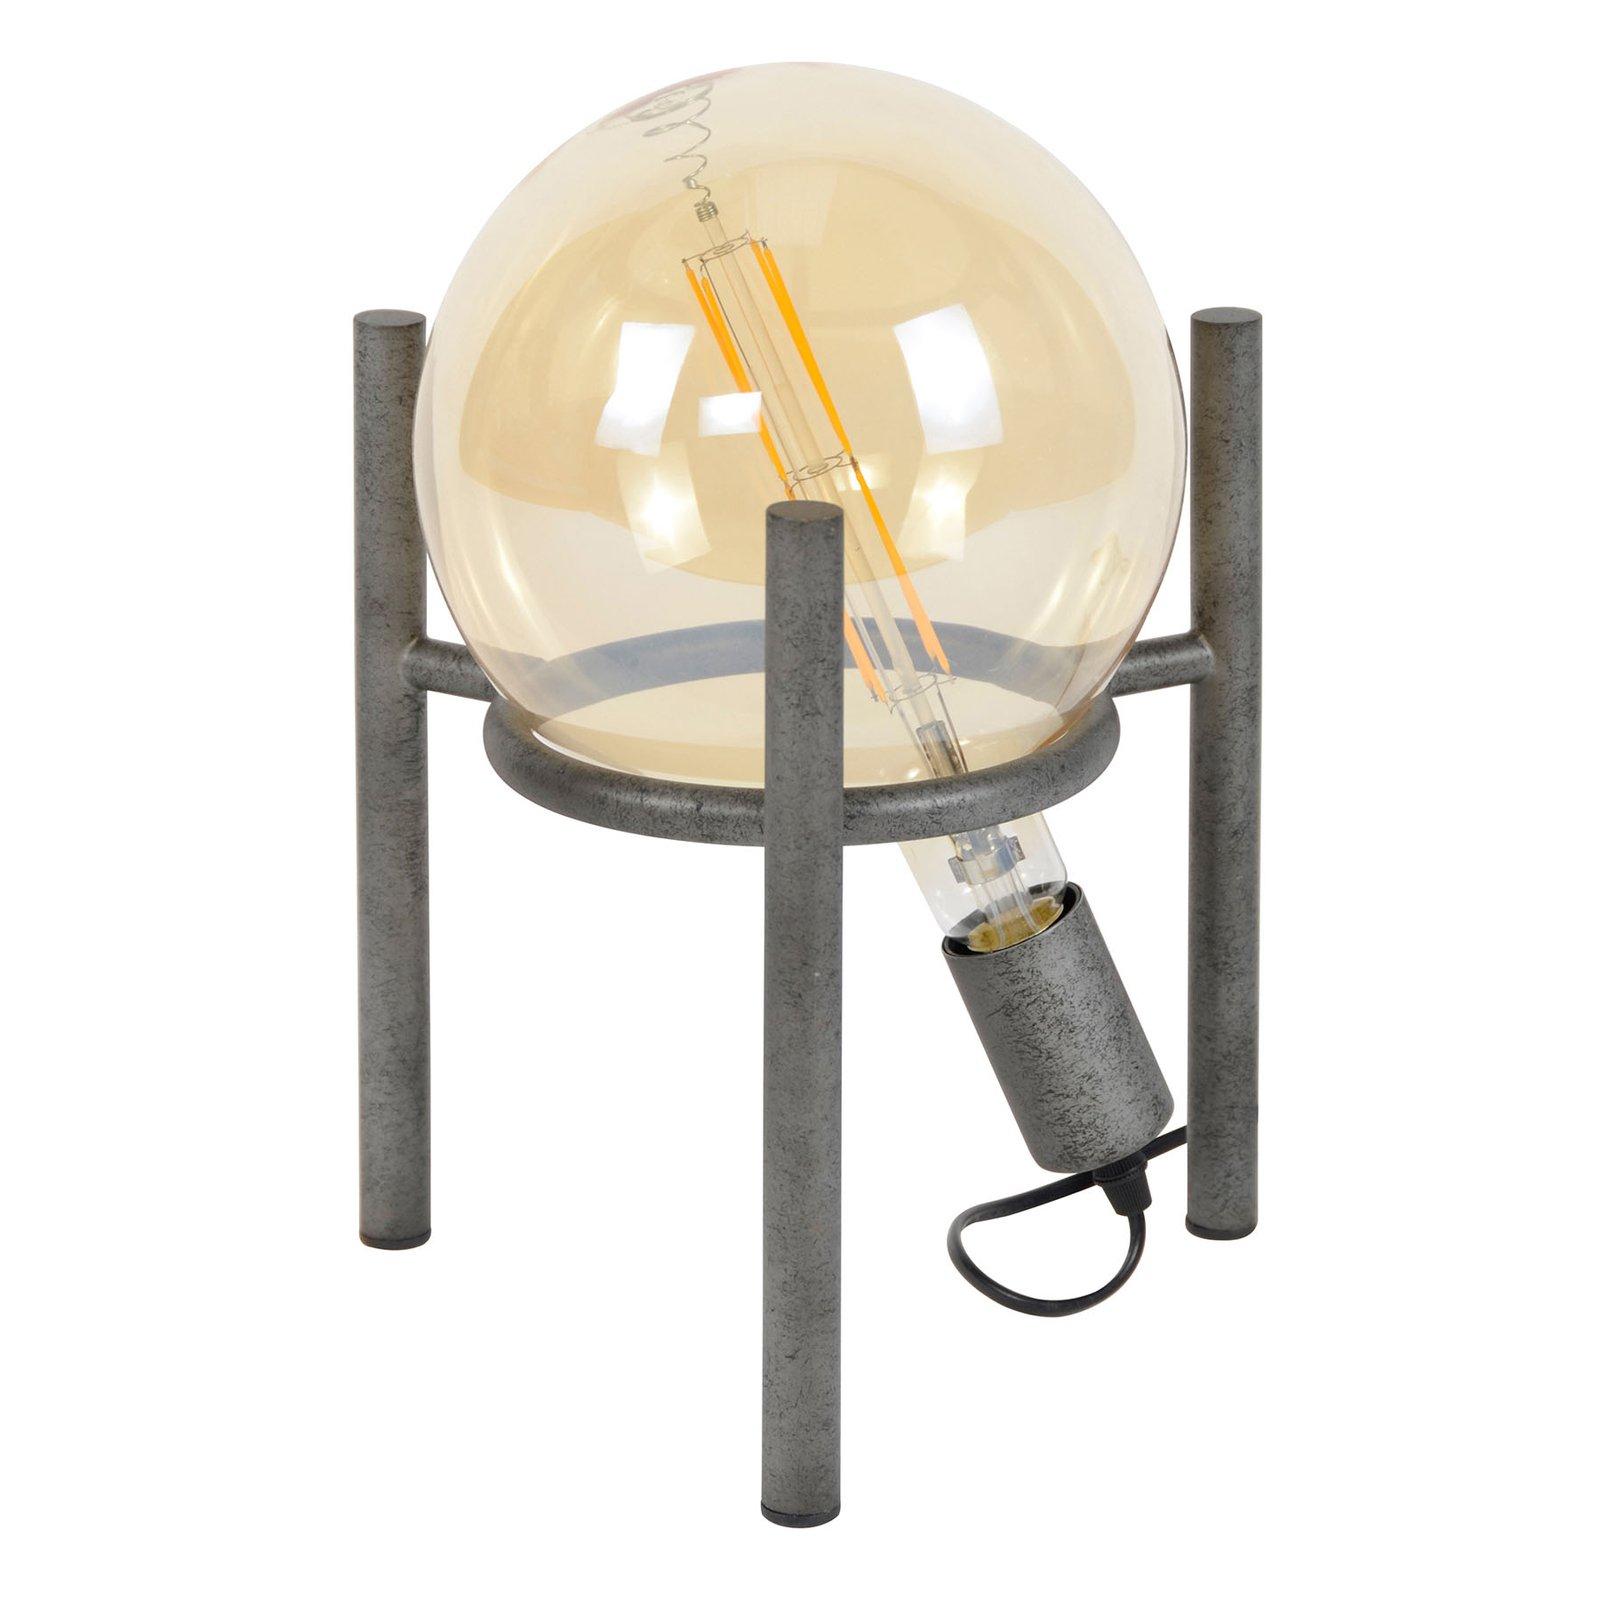 Bordlampe Saturn, trebeinstamme, 1 x G200